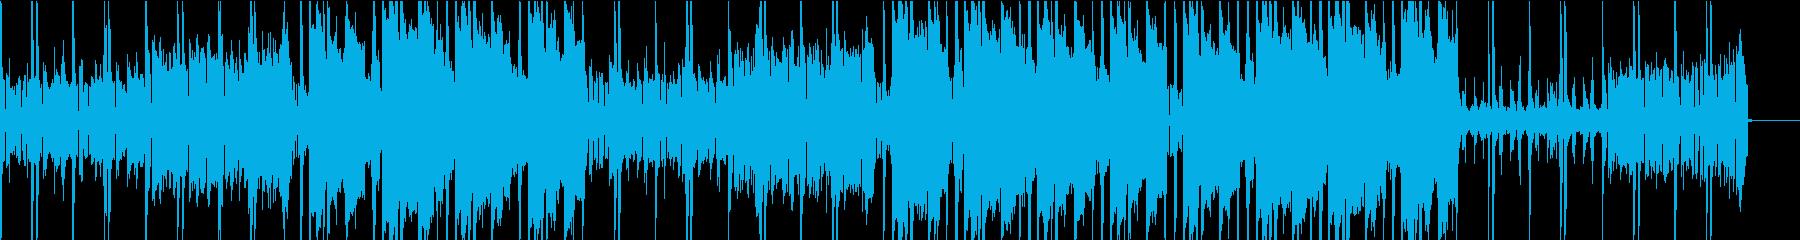 広大な景色に合うEDMの再生済みの波形